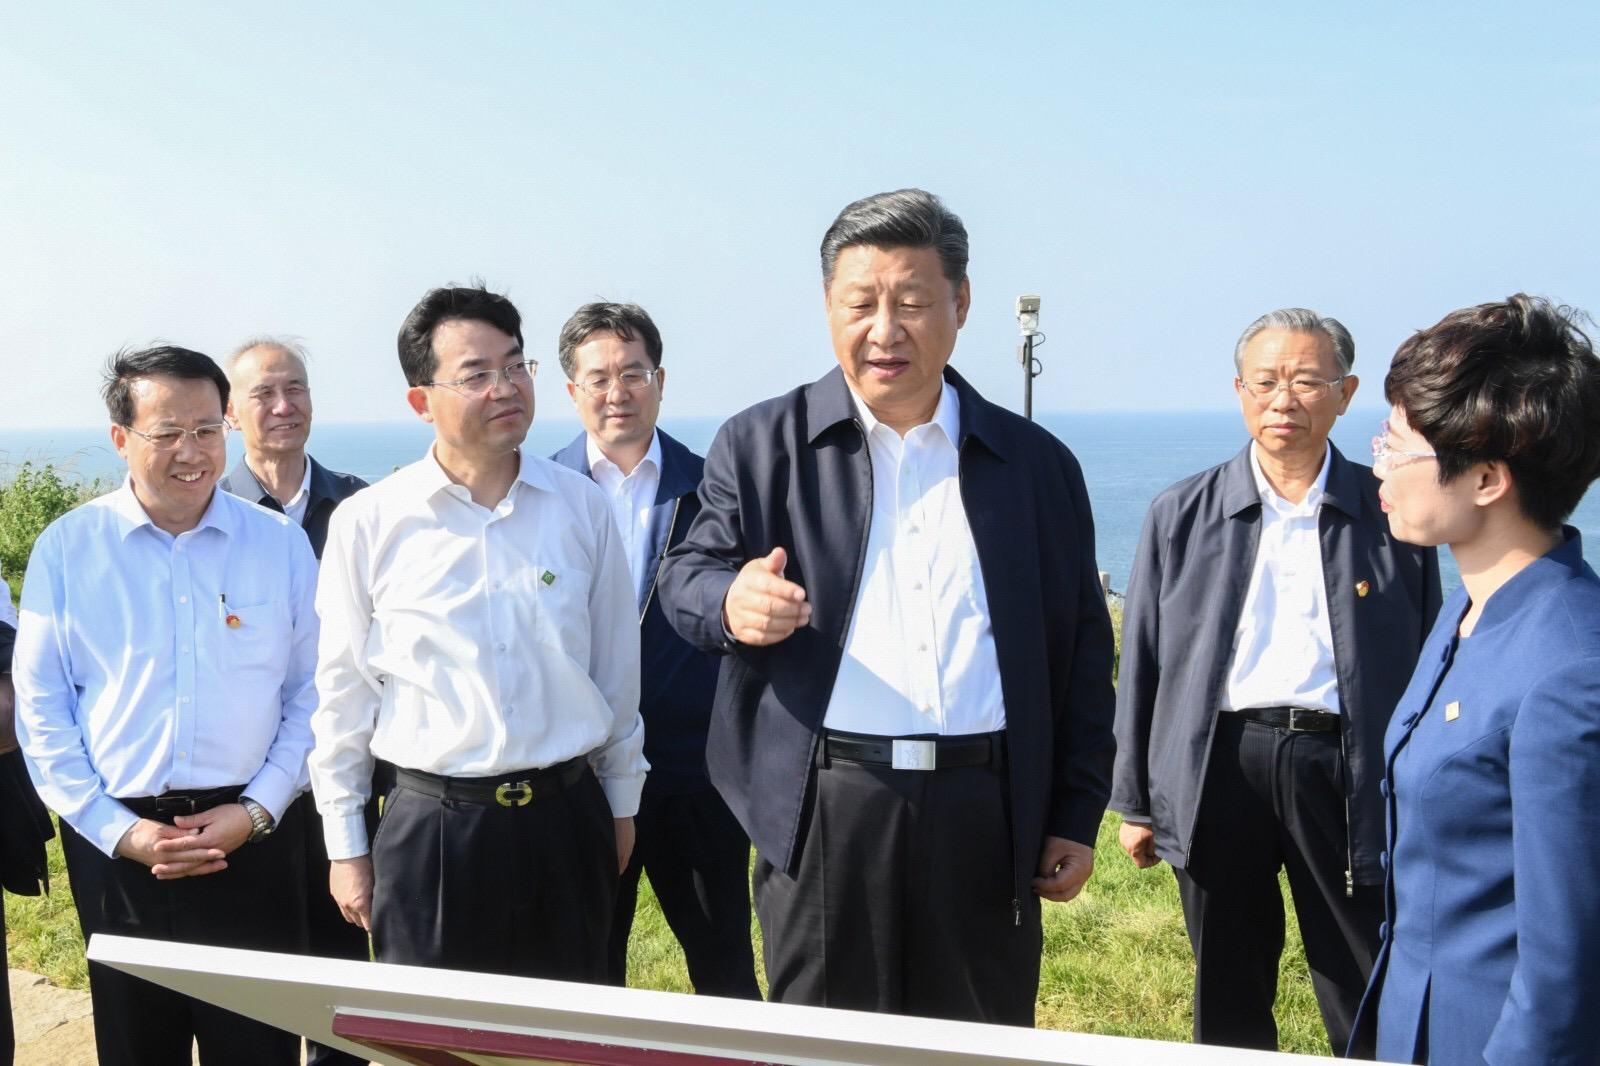 习近平乘船赴威海湾的刘公岛考察1.jpg